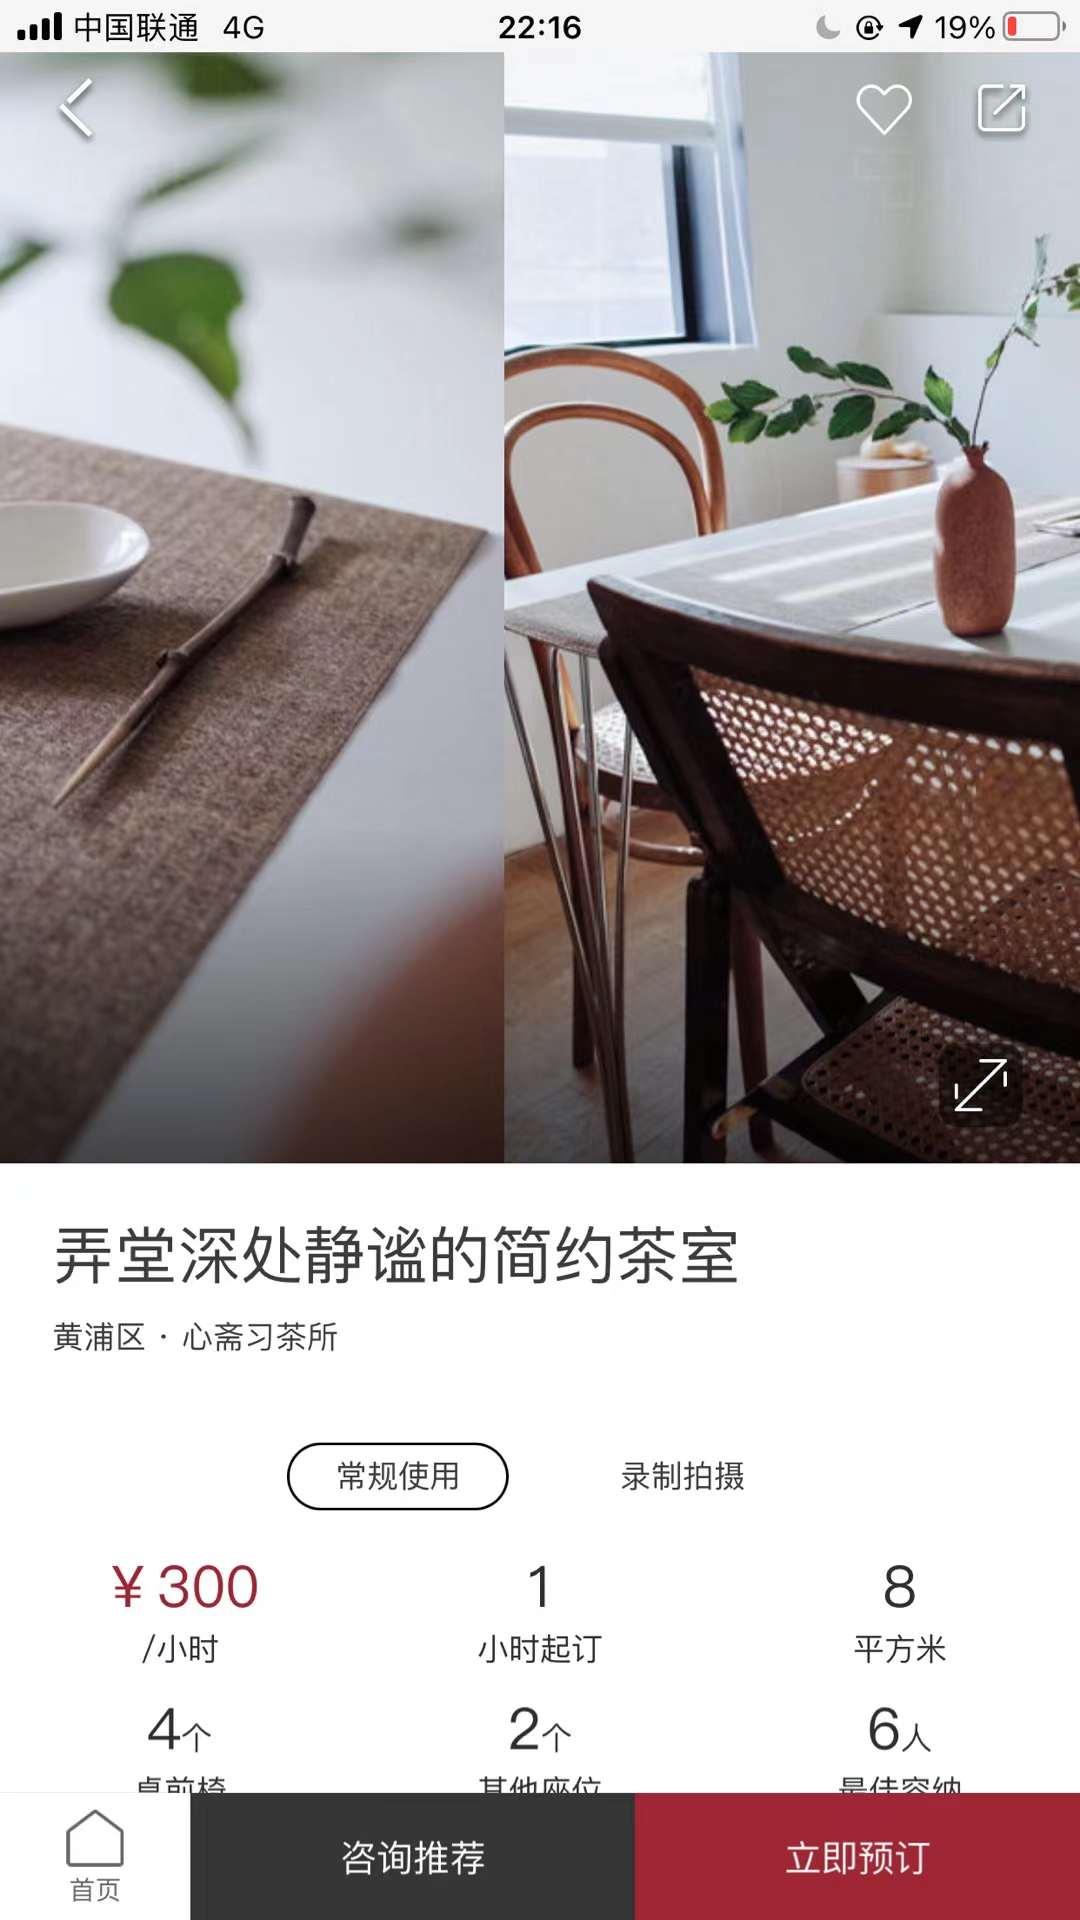 共享茶室未来发展方向,共享茶室应该如何做?-芊雅企服